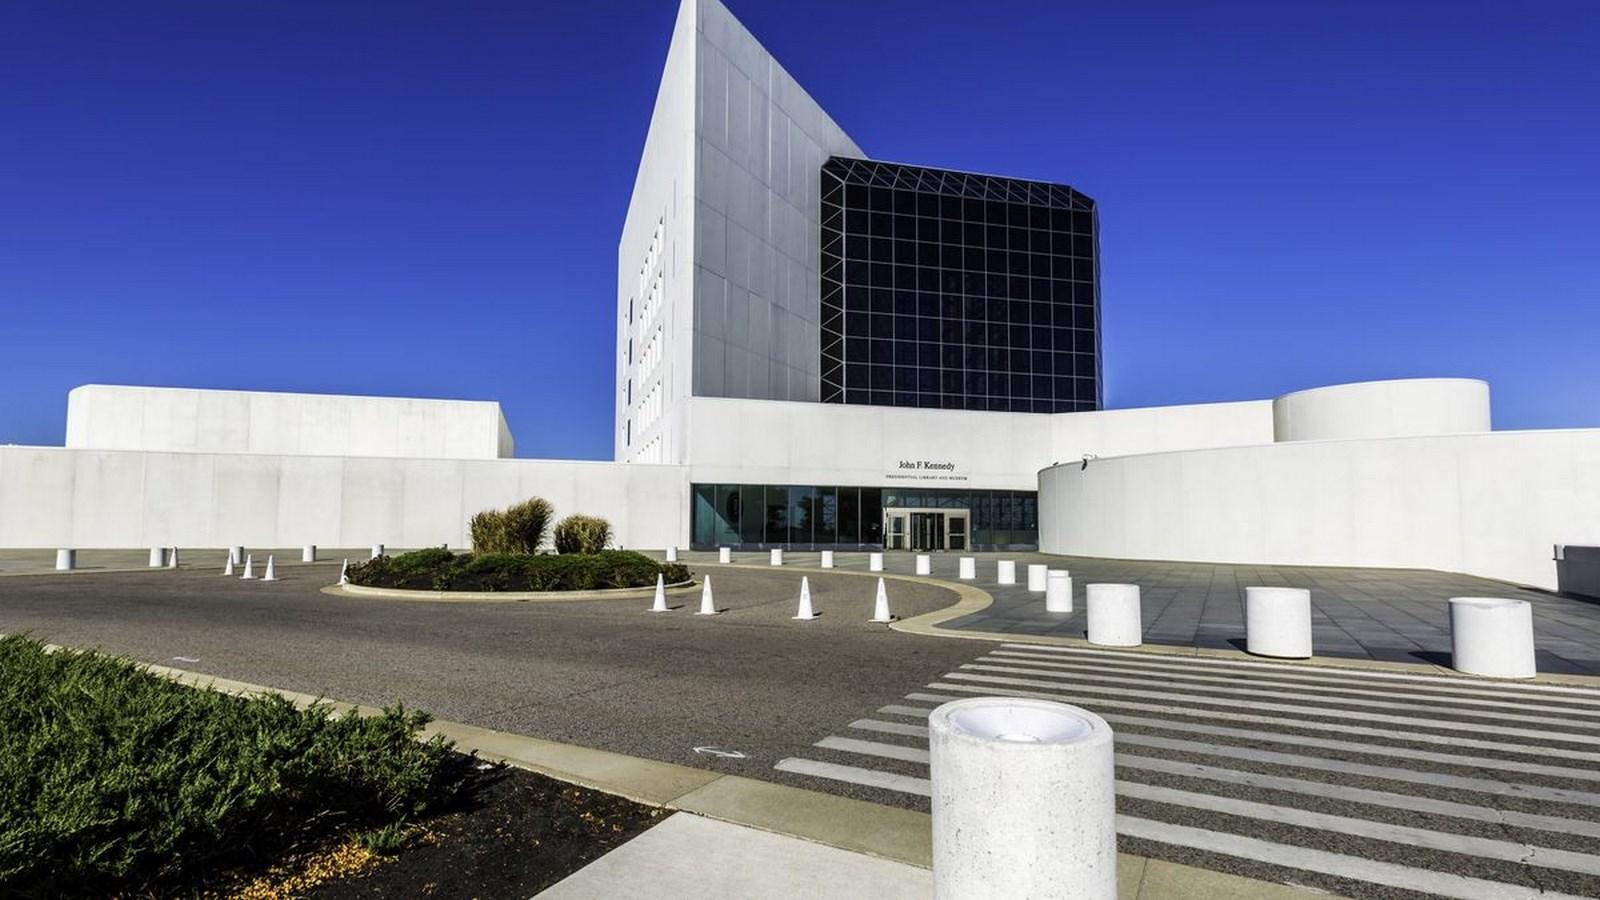 A306 - Boston Architecture - JFK PUBLIC LIBRARY_Image1